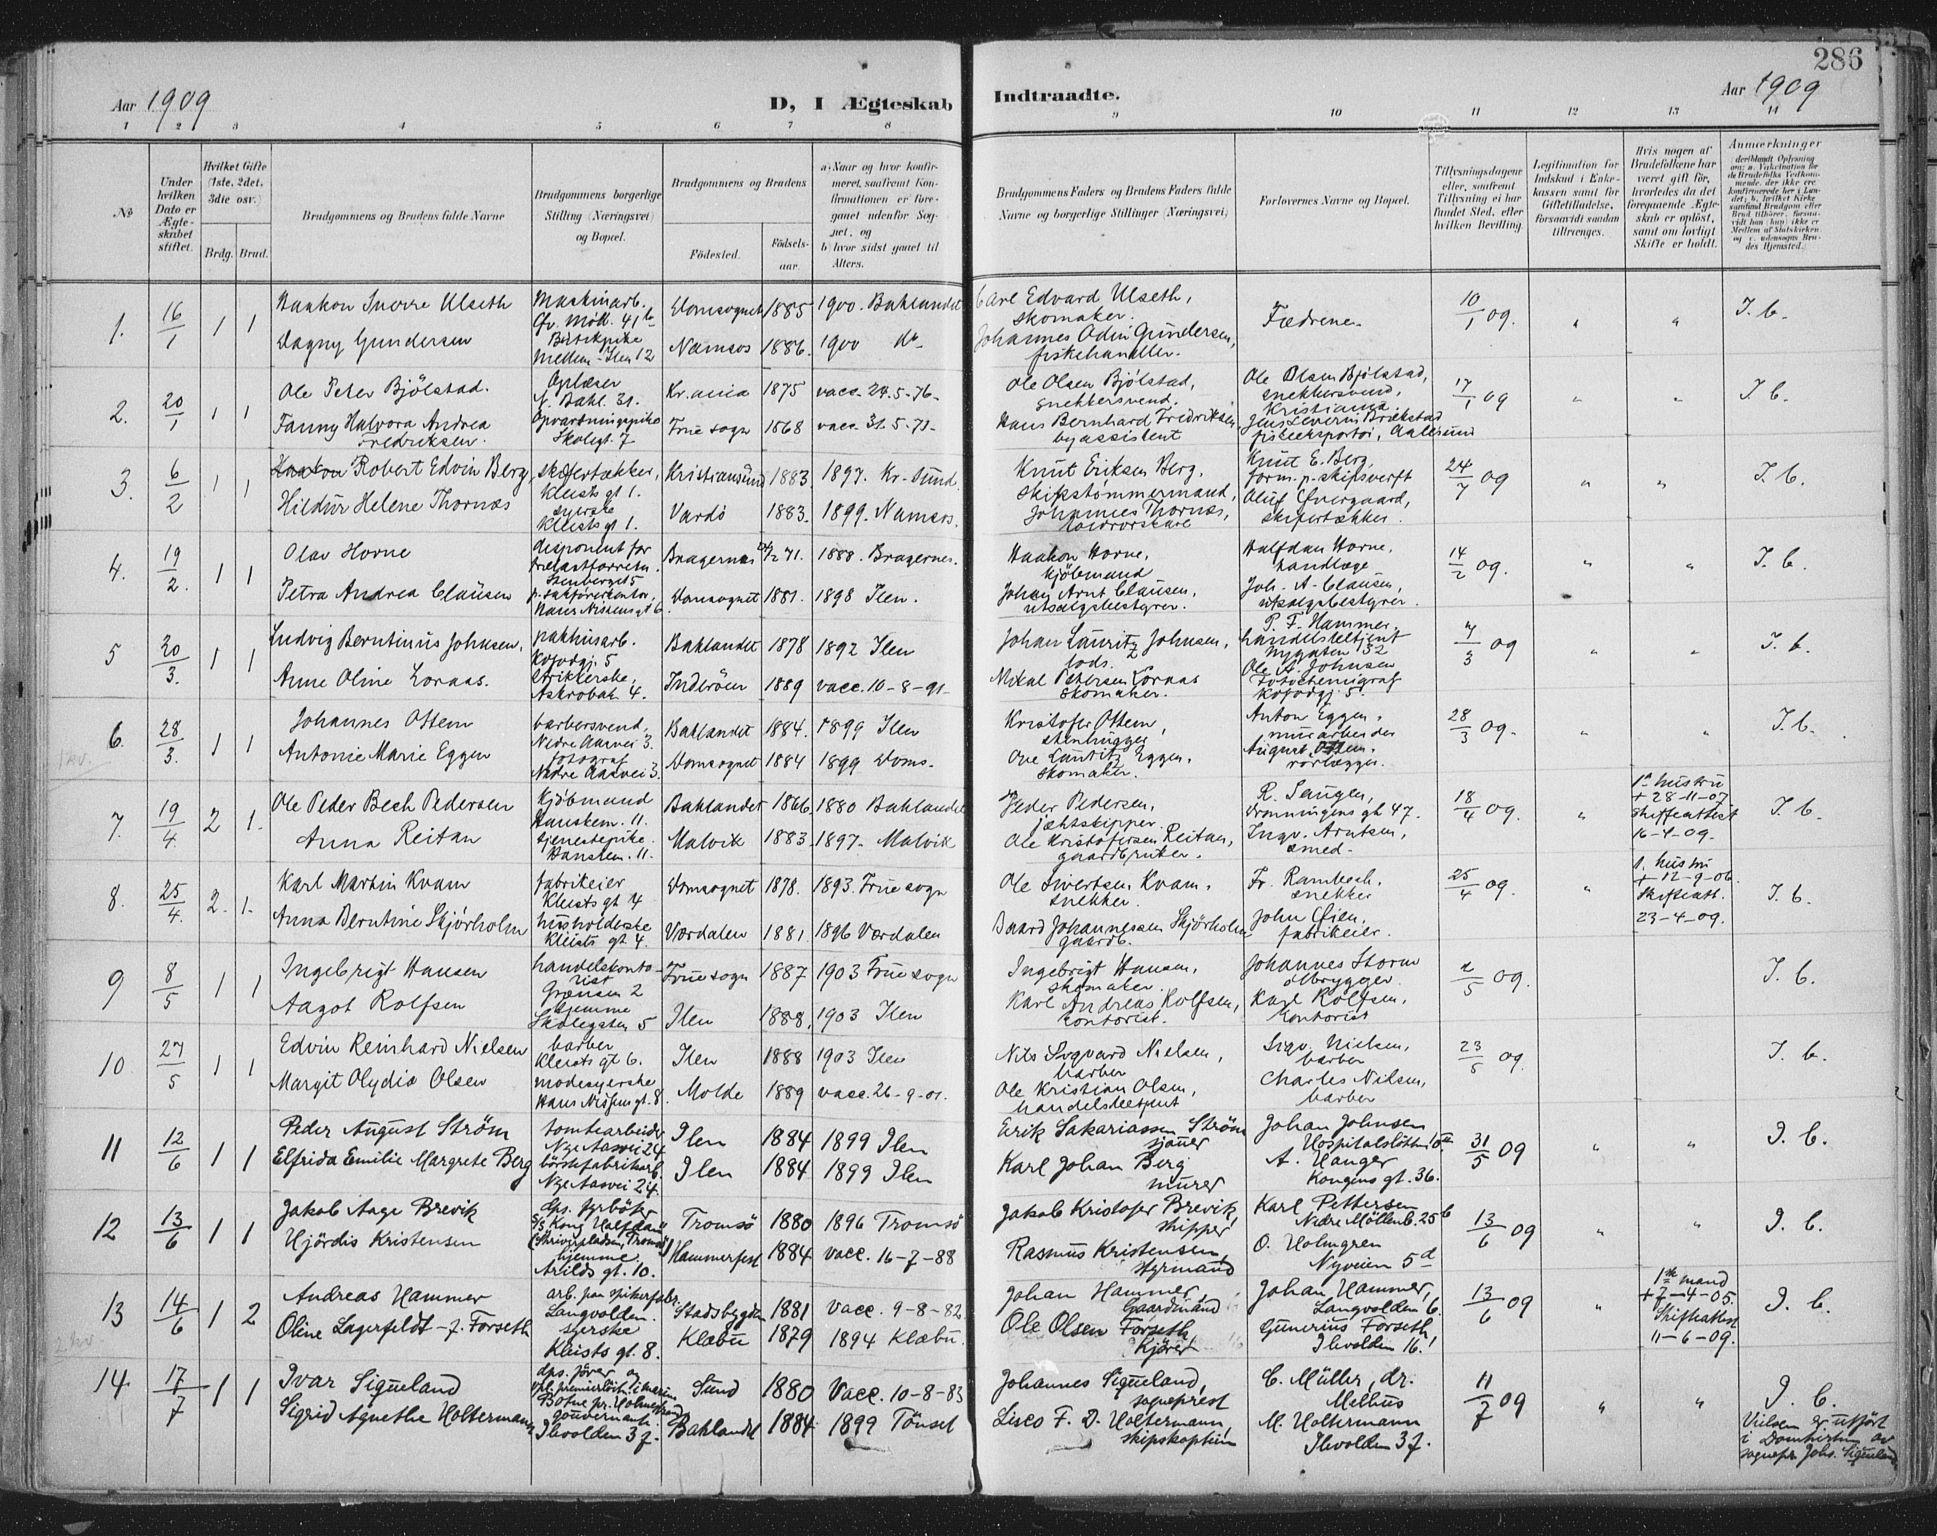 SAT, Ministerialprotokoller, klokkerbøker og fødselsregistre - Sør-Trøndelag, 603/L0167: Ministerialbok nr. 603A06, 1896-1932, s. 286